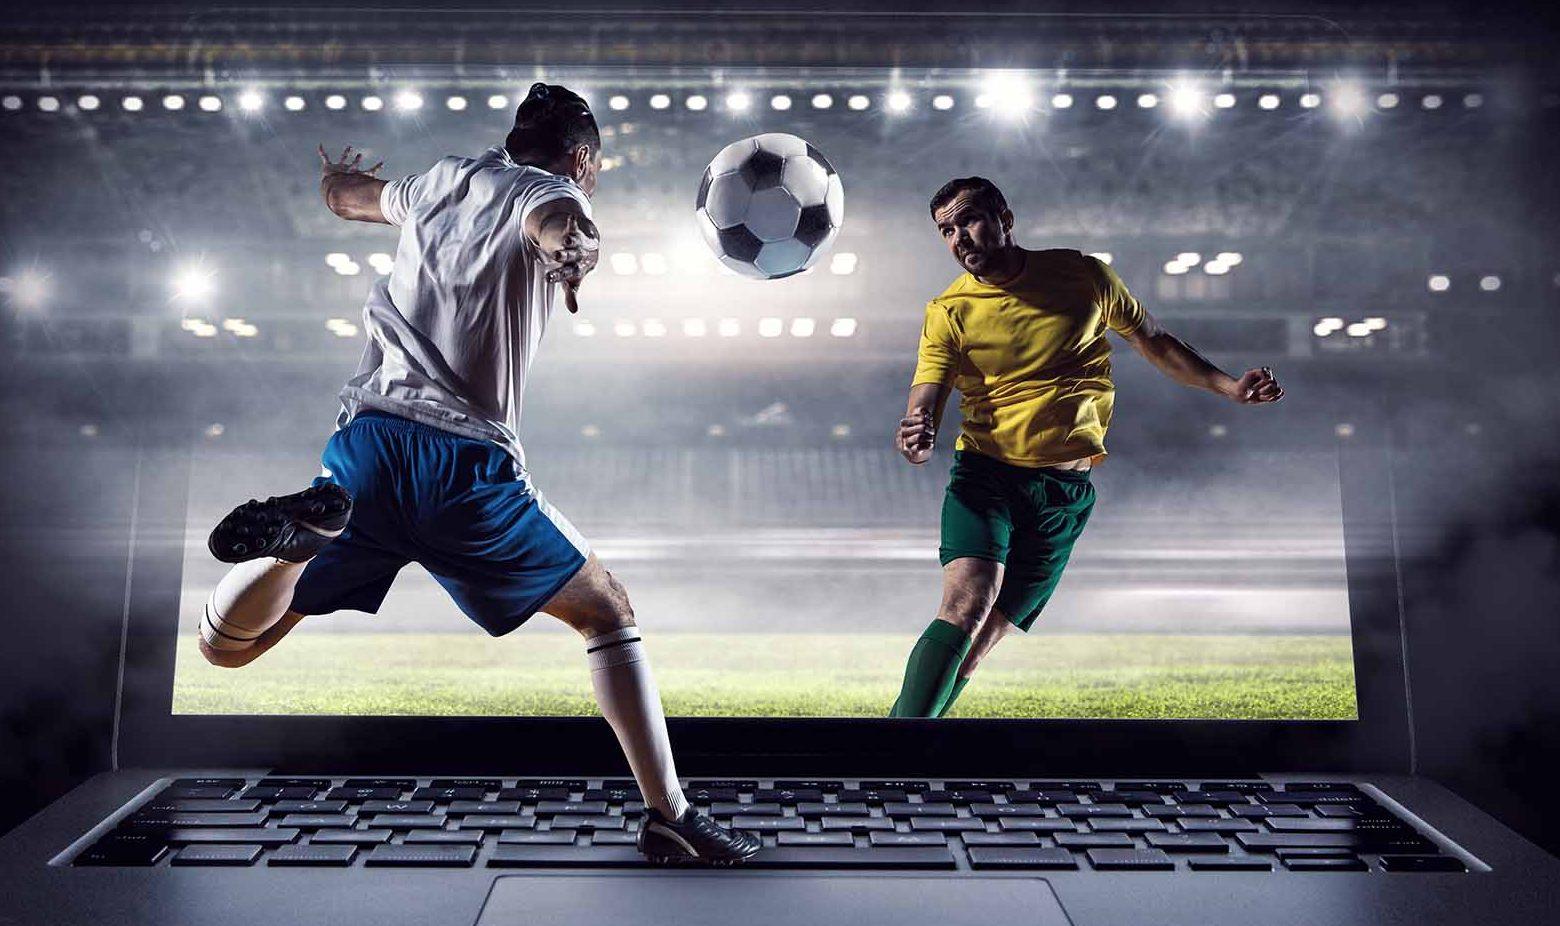 Широкий выбор для любителей и профессионалов спортивных пари